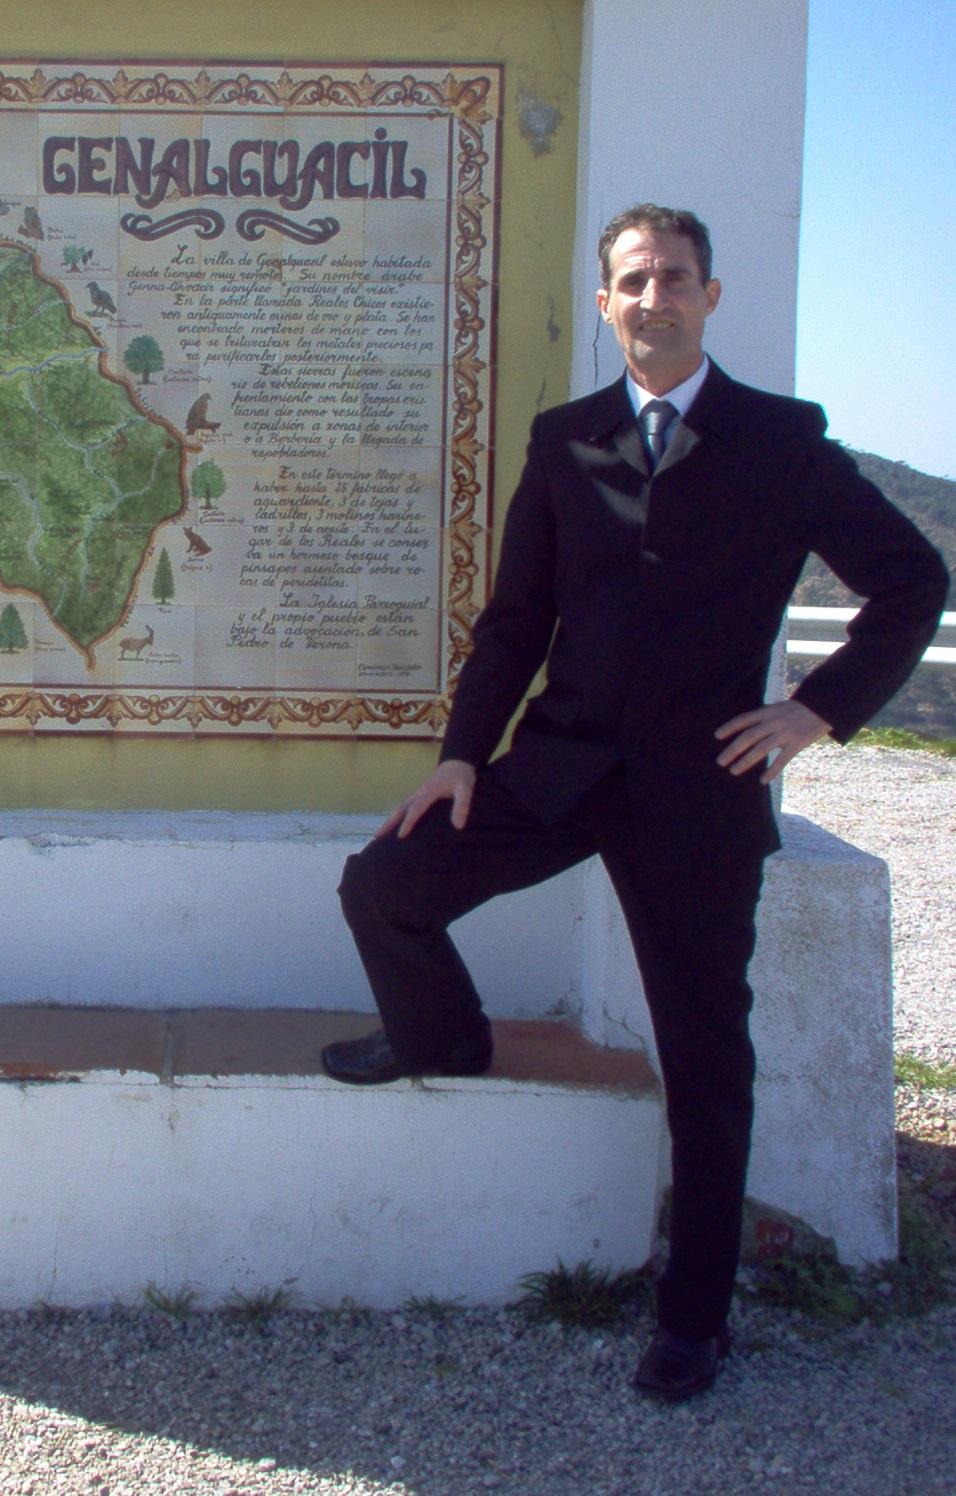 Osy entrando en Genalguacil, Málaga para brindar un nuevo Curso Certificado de Tantra